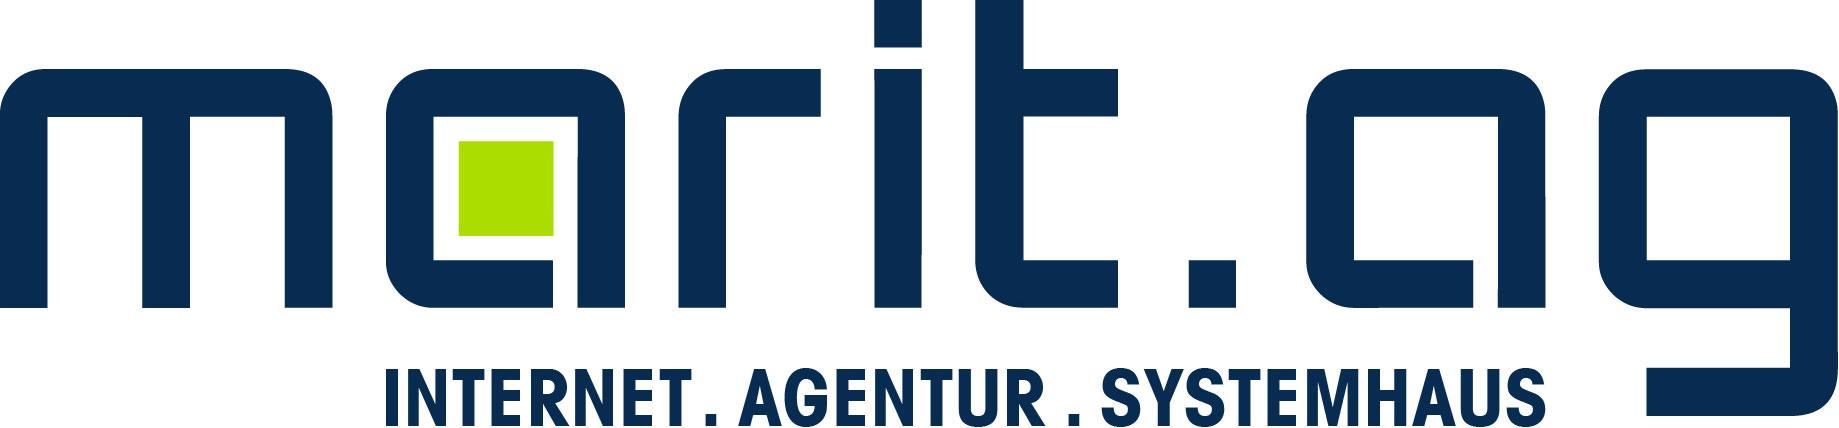 TYPO3 Agentur München, Internetagentur Marit AG